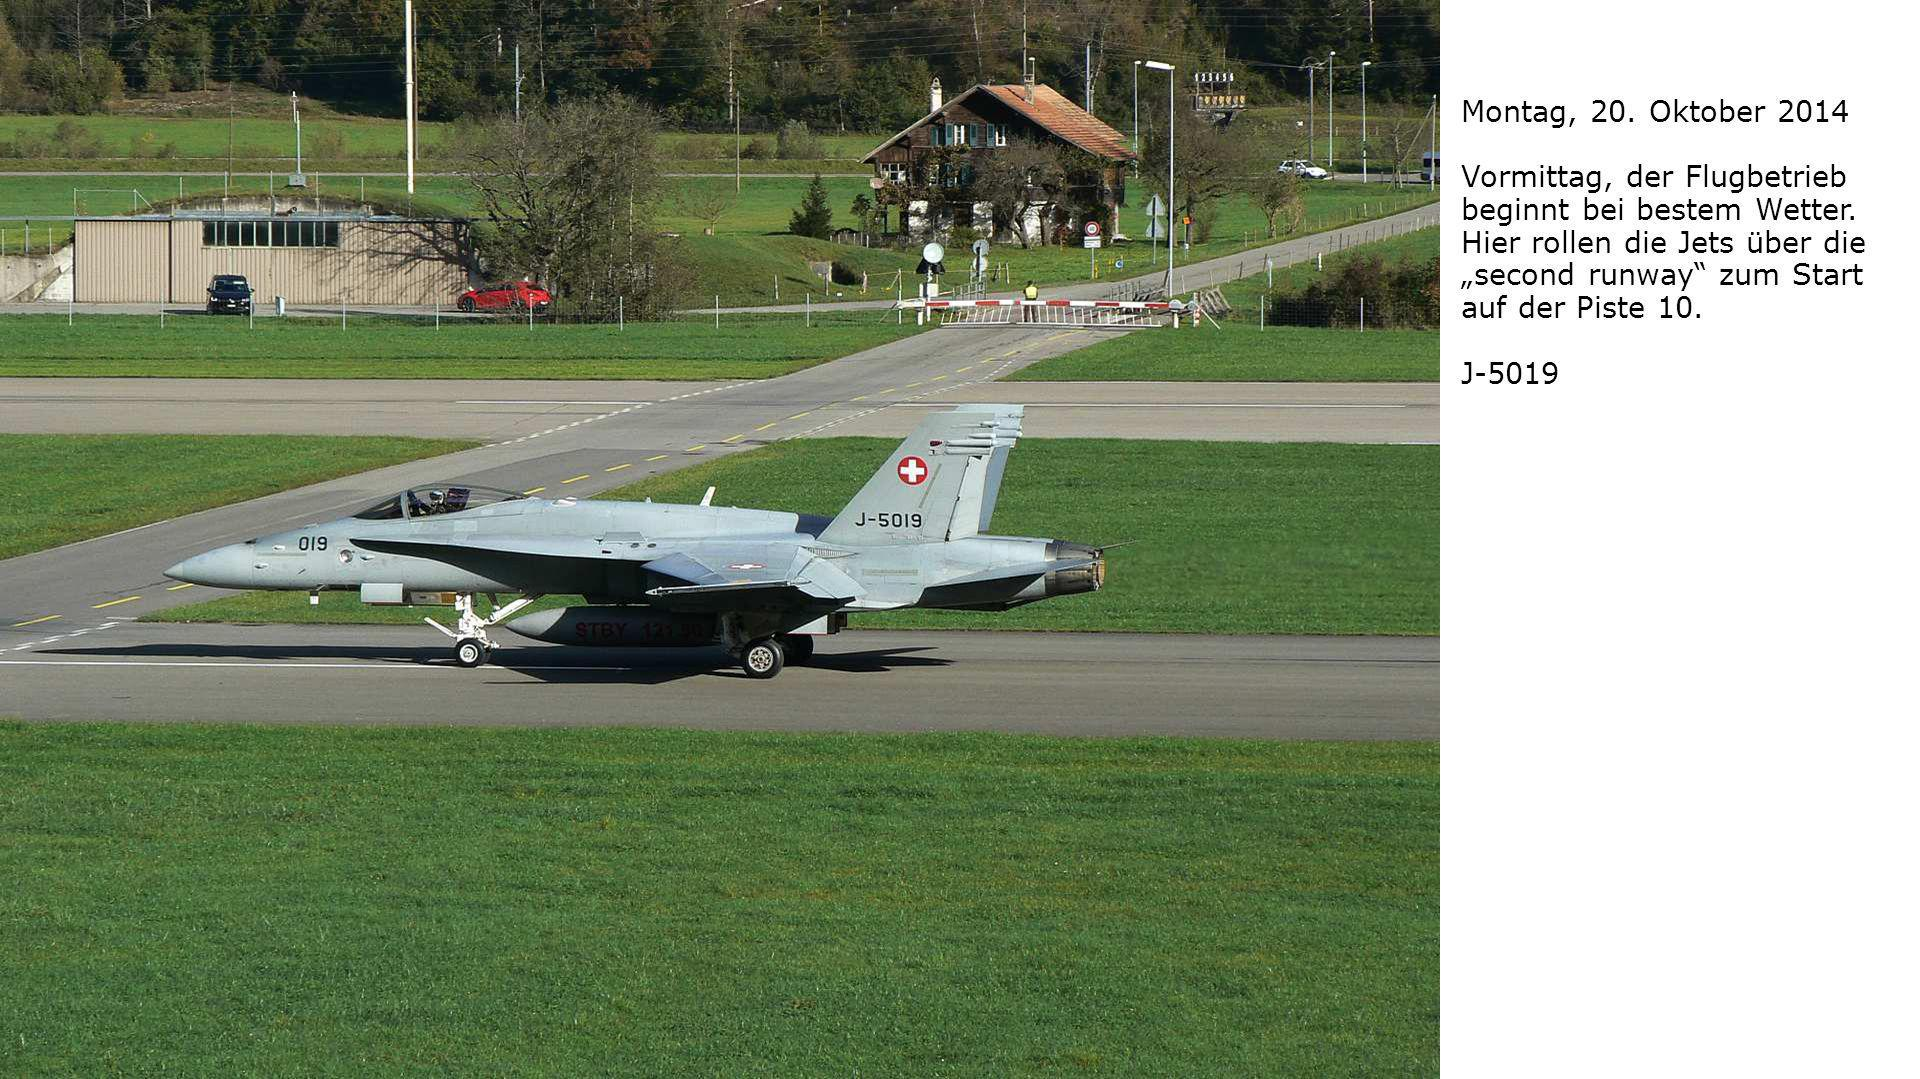 """Montag, 20. Oktober 2014 Vormittag, der Flugbetrieb beginnt bei bestem Wetter. Hier rollen die Jets über die """"second runway"""" zum Start auf der Piste 1"""